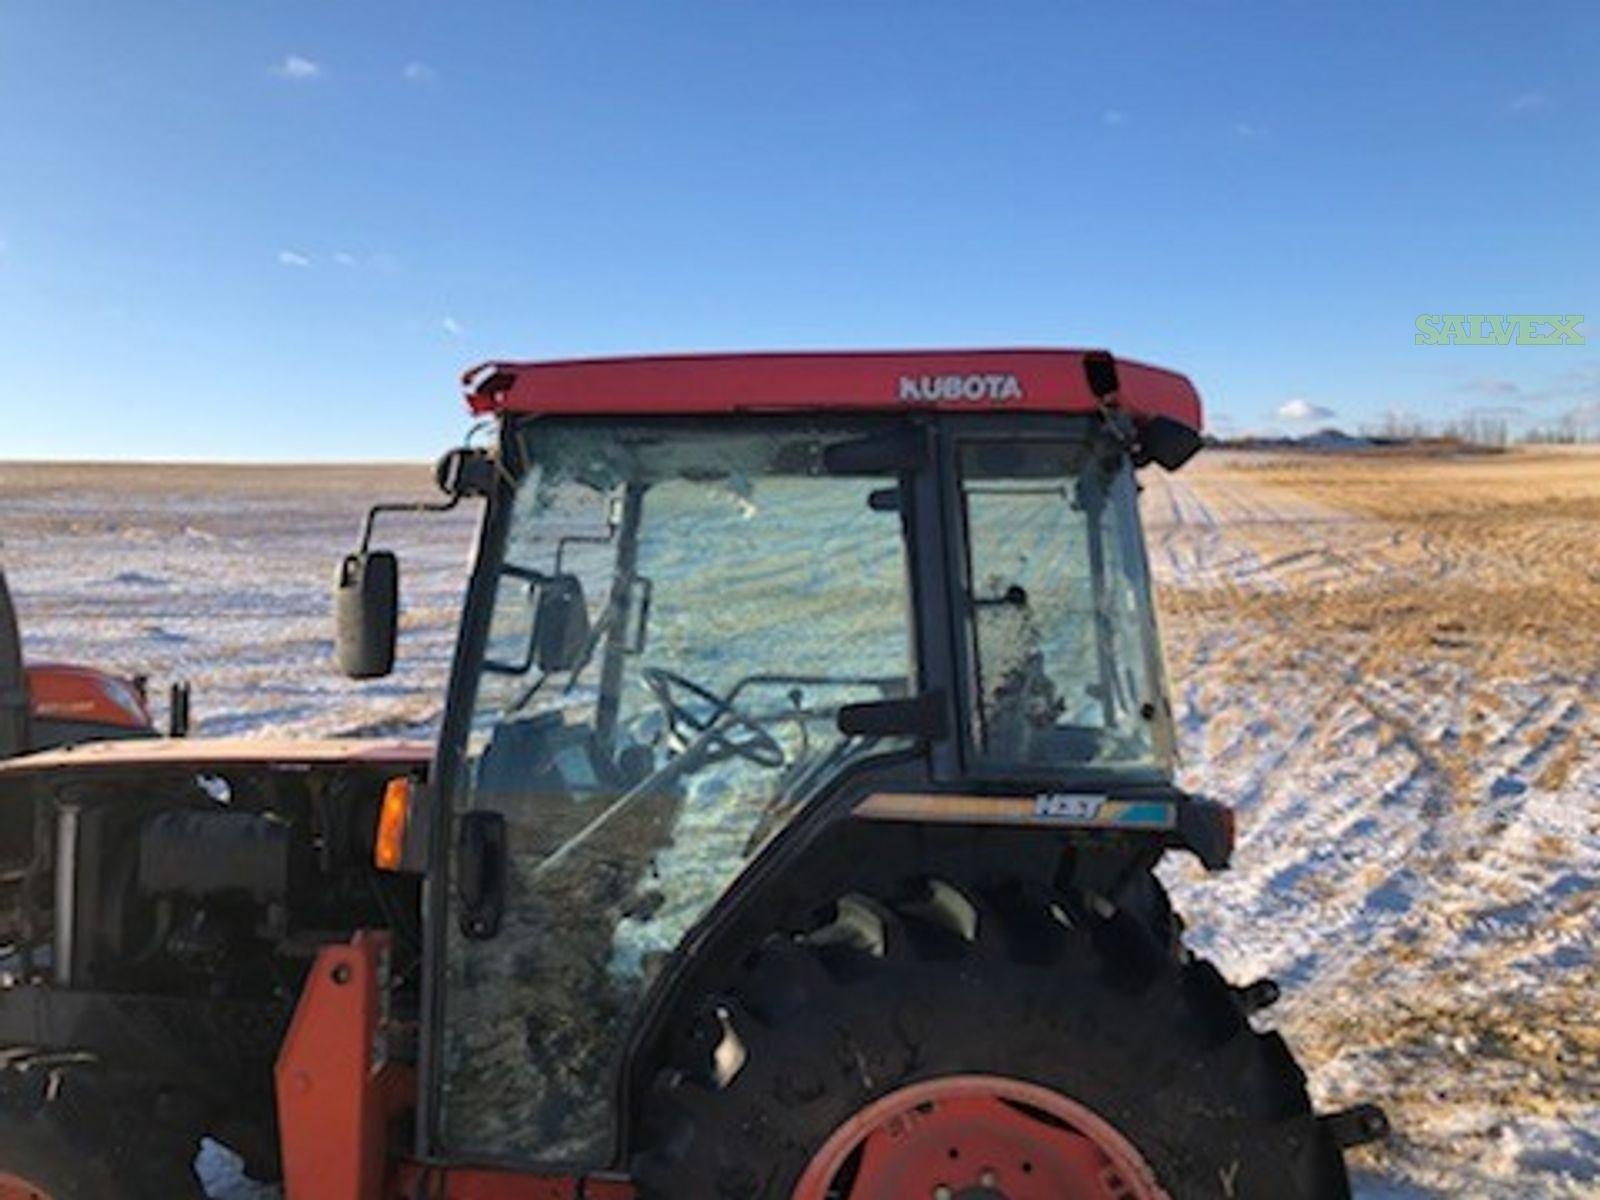 Kubota Tractor 1999 - Damaged